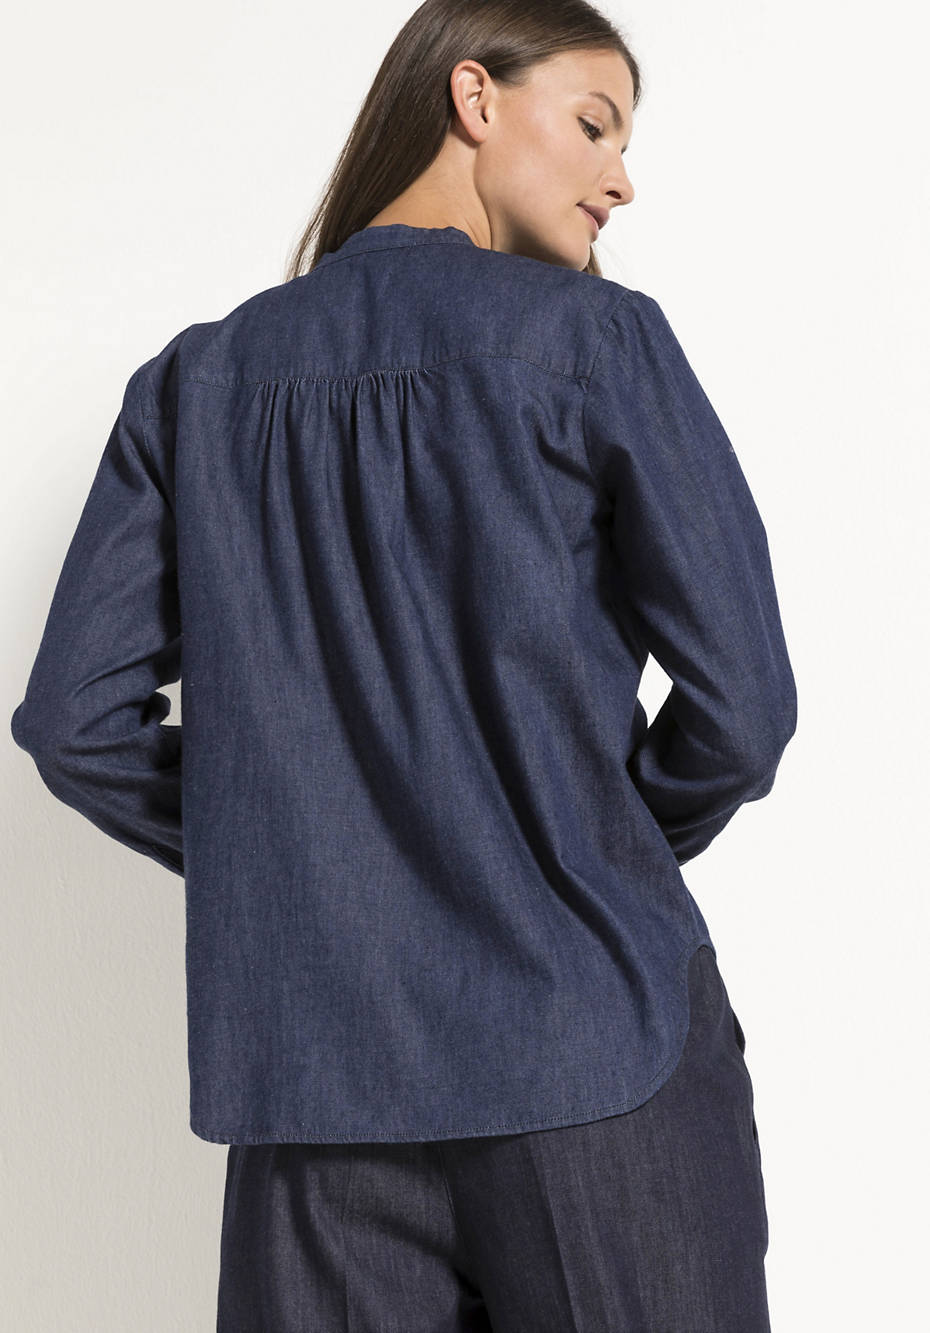 Jeansbluse aus reiner Bio-Baumwolle